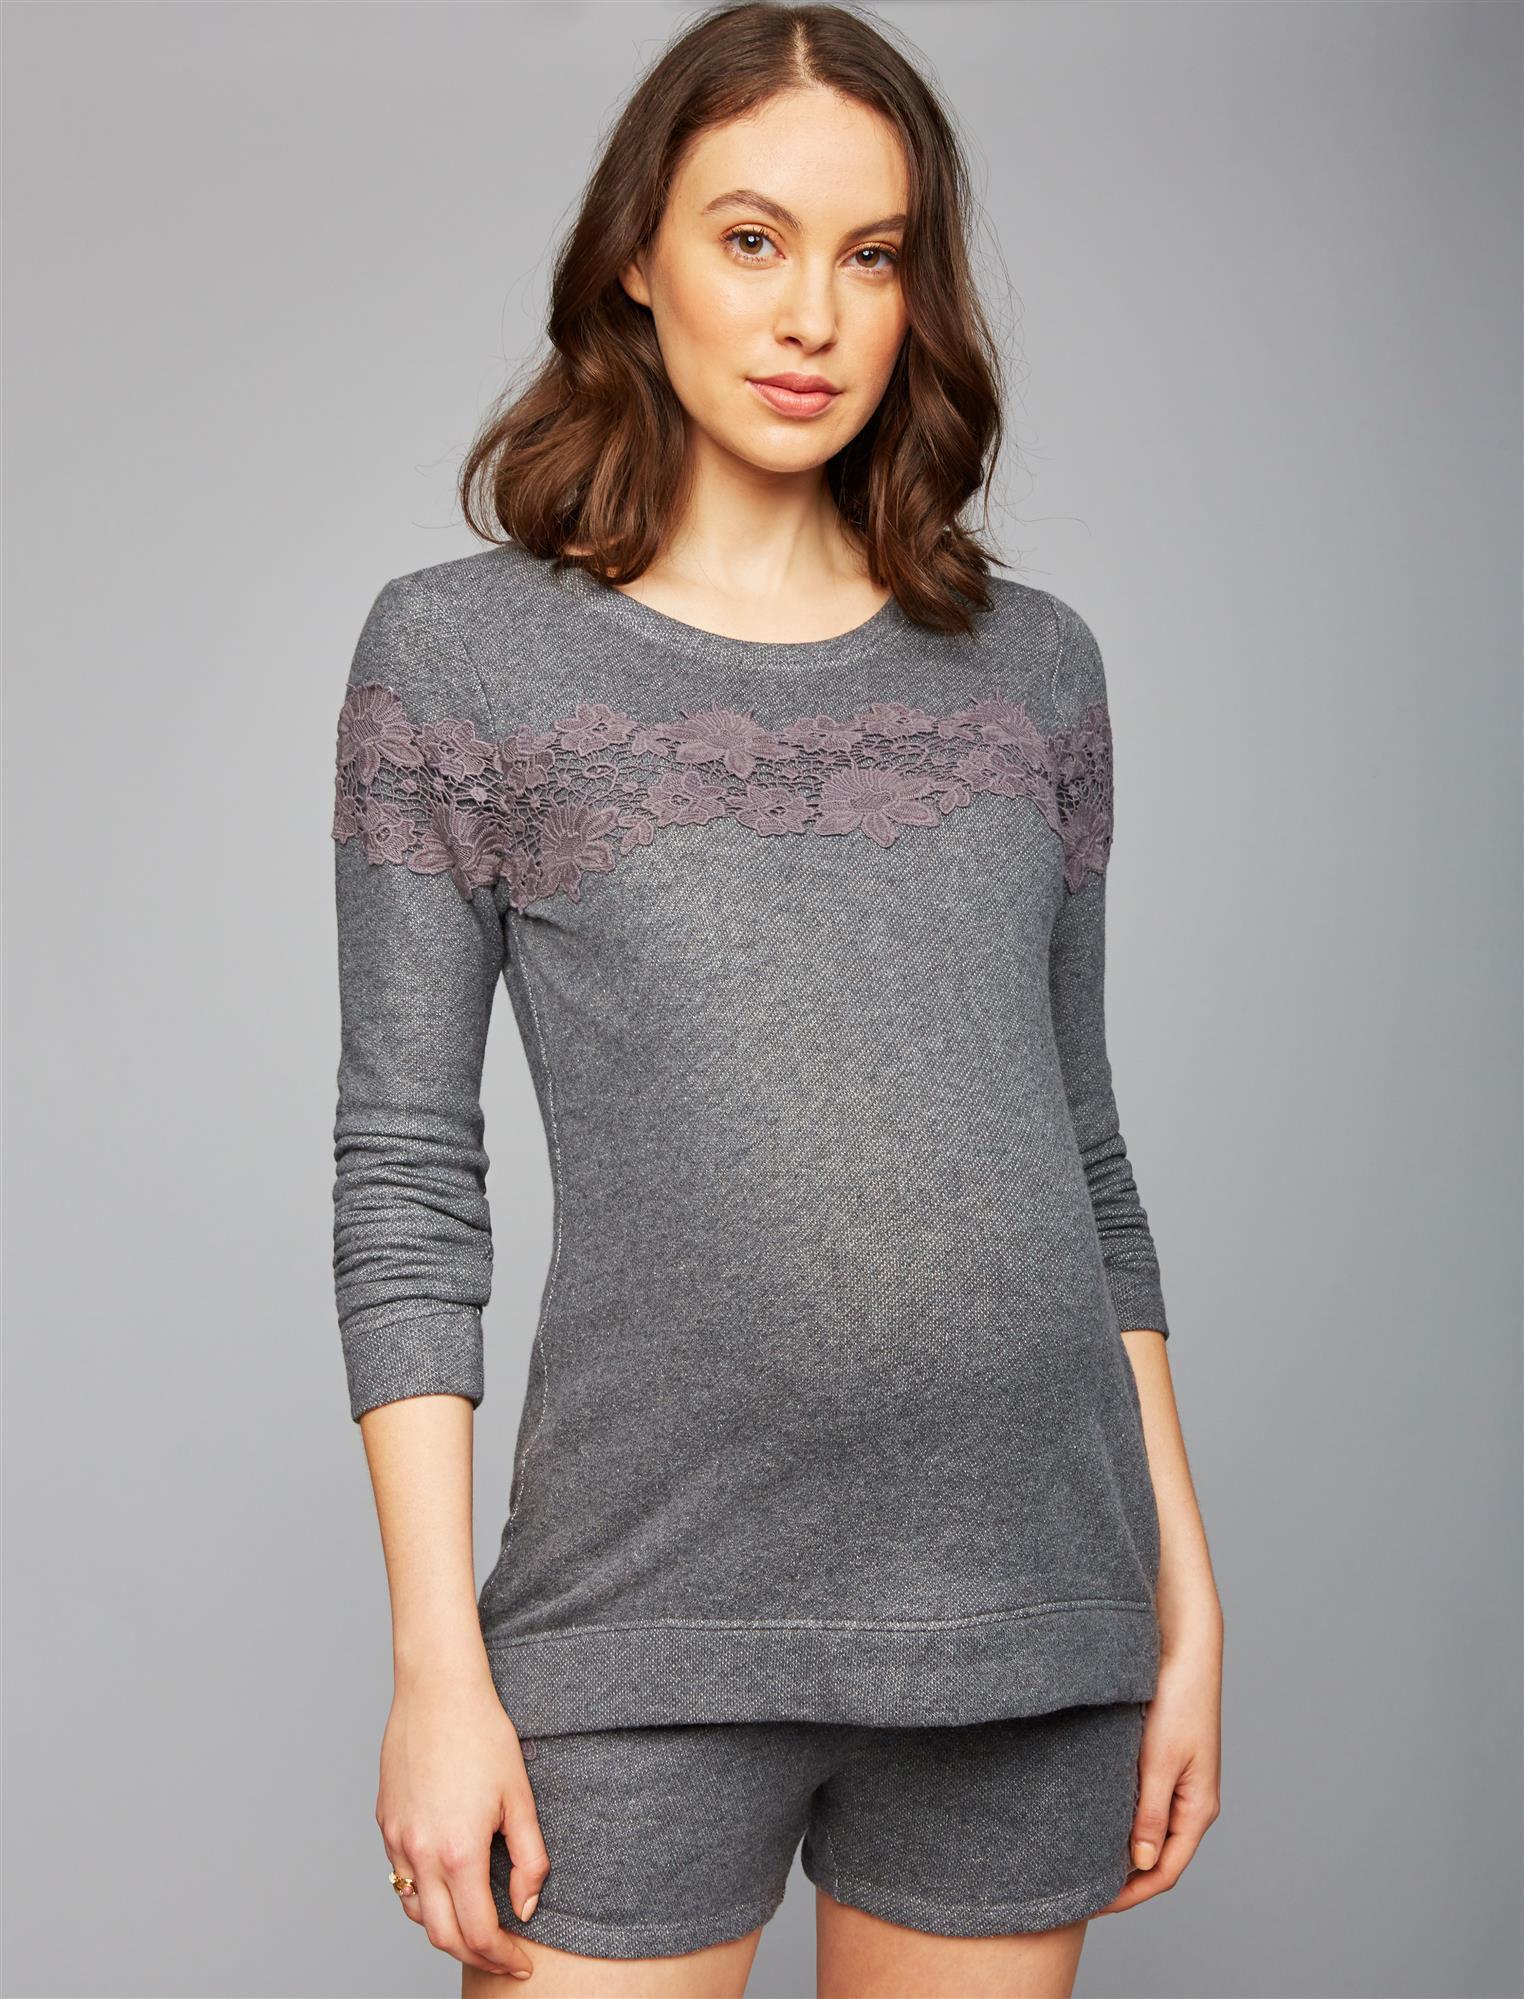 Lace Maternity Sweatshirt